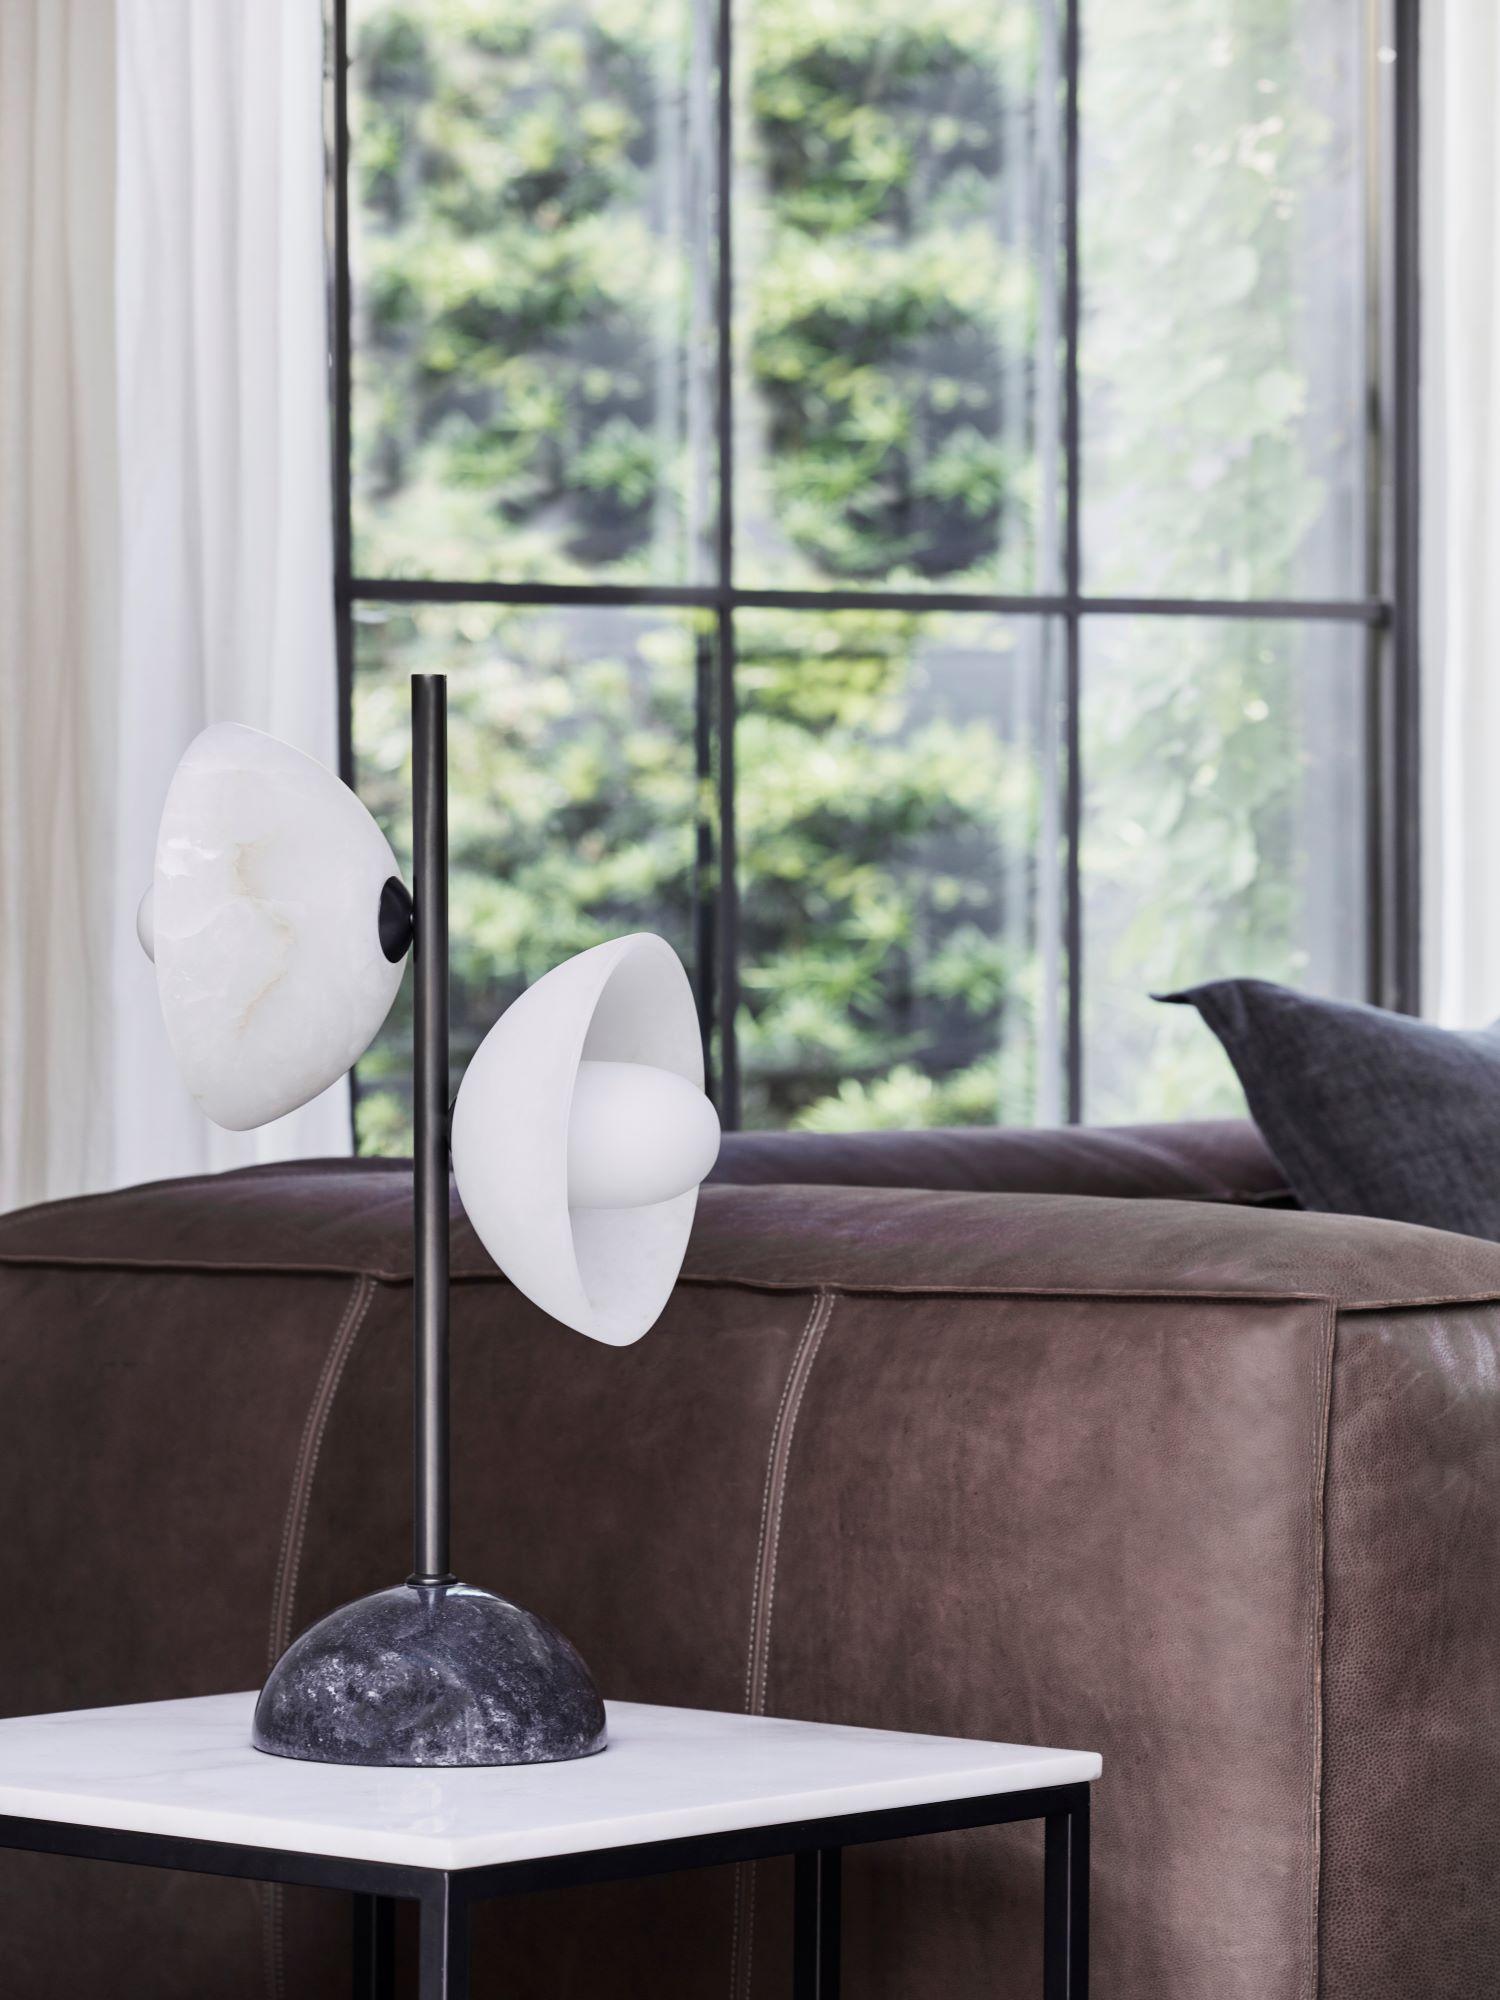 Coco Republic zephyr alabaster table lamp